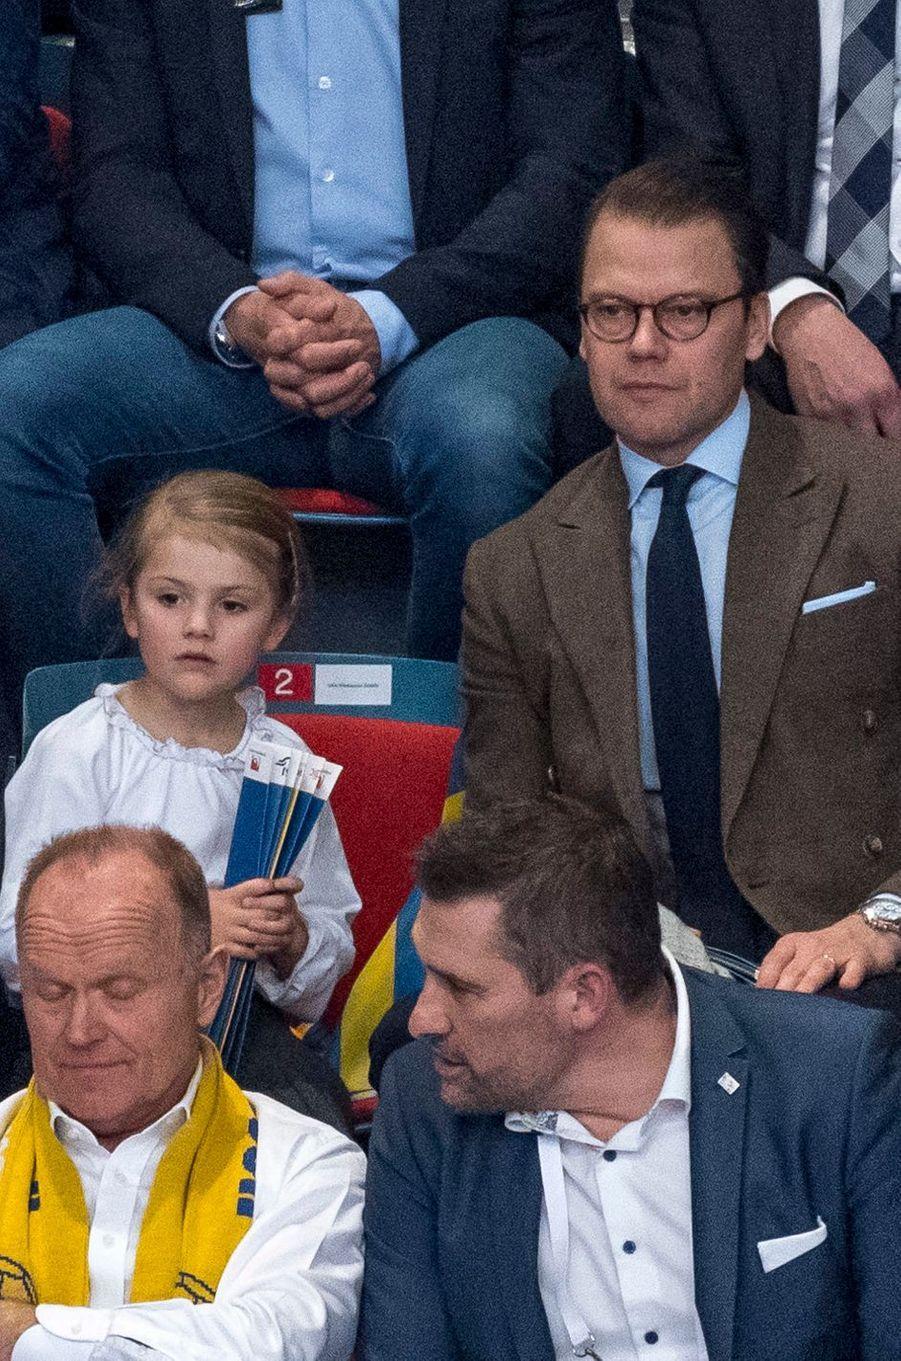 La princesse Estelle de Suède et son père le prince consort Daniel assistent au match Suède-Espagne qui lance l'Euro de hand féminin au Hovet à Stockholm, le 4 décembre 2016